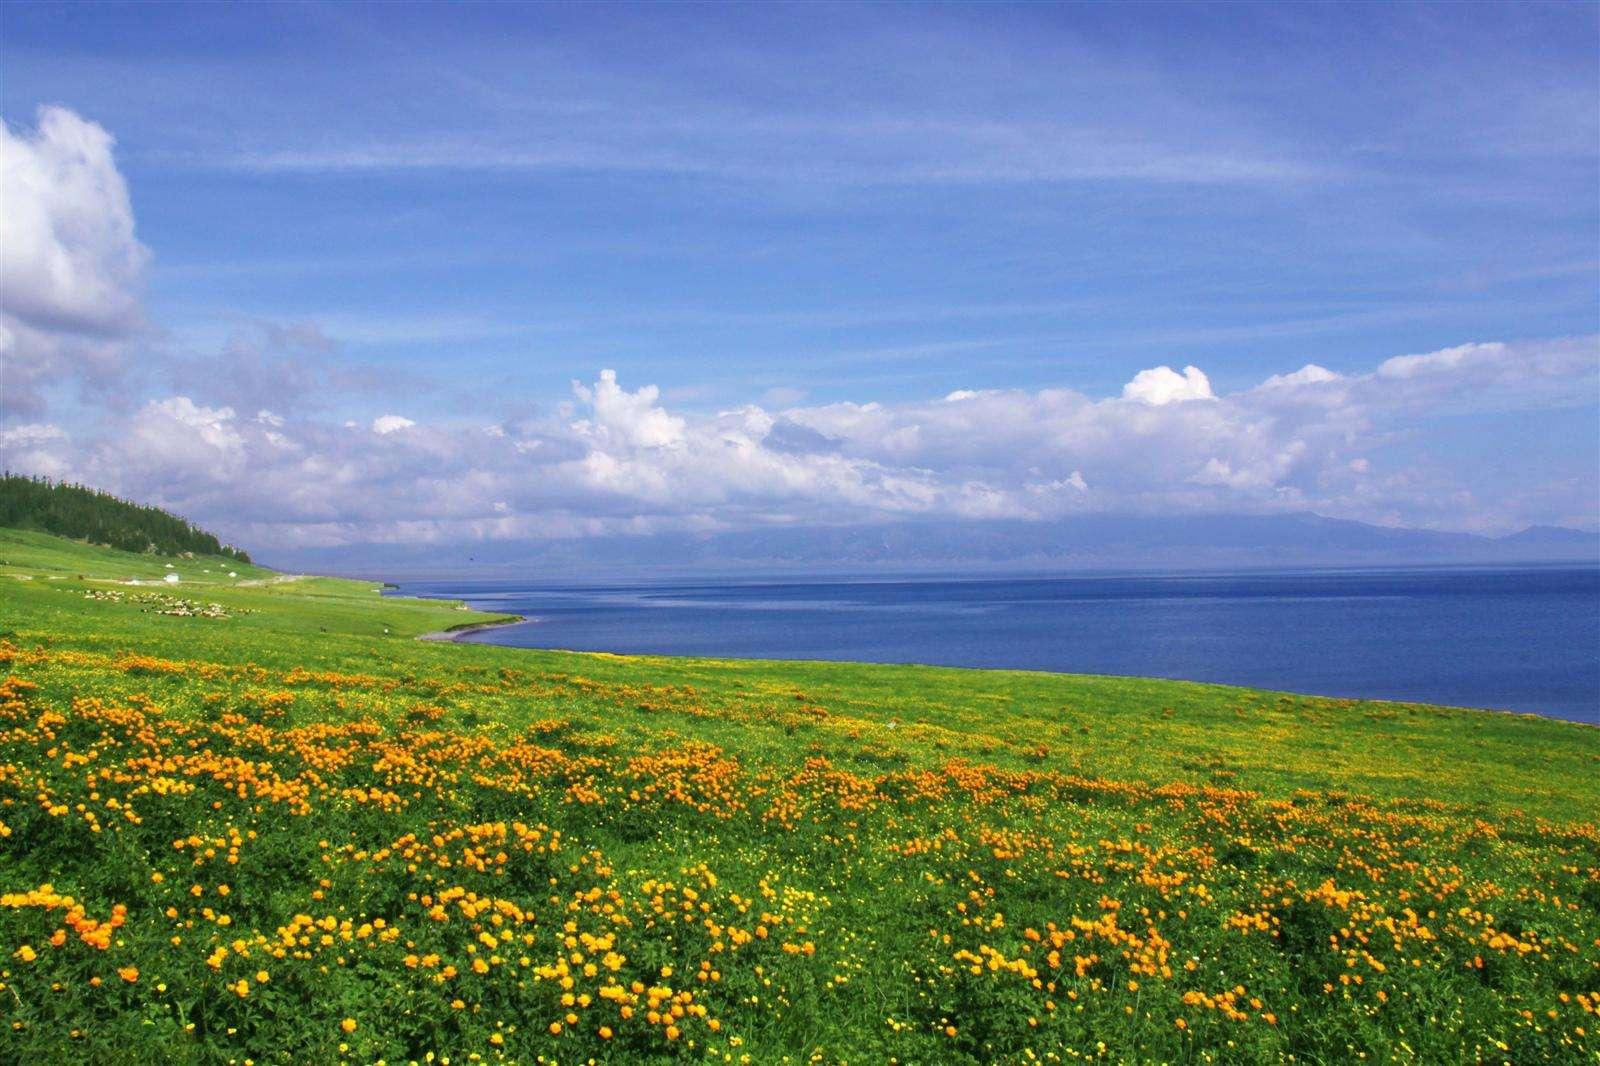 行摄赛里木湖日出日落,伊犁河谷、草原赏鲜花,眼观八百里火焰山